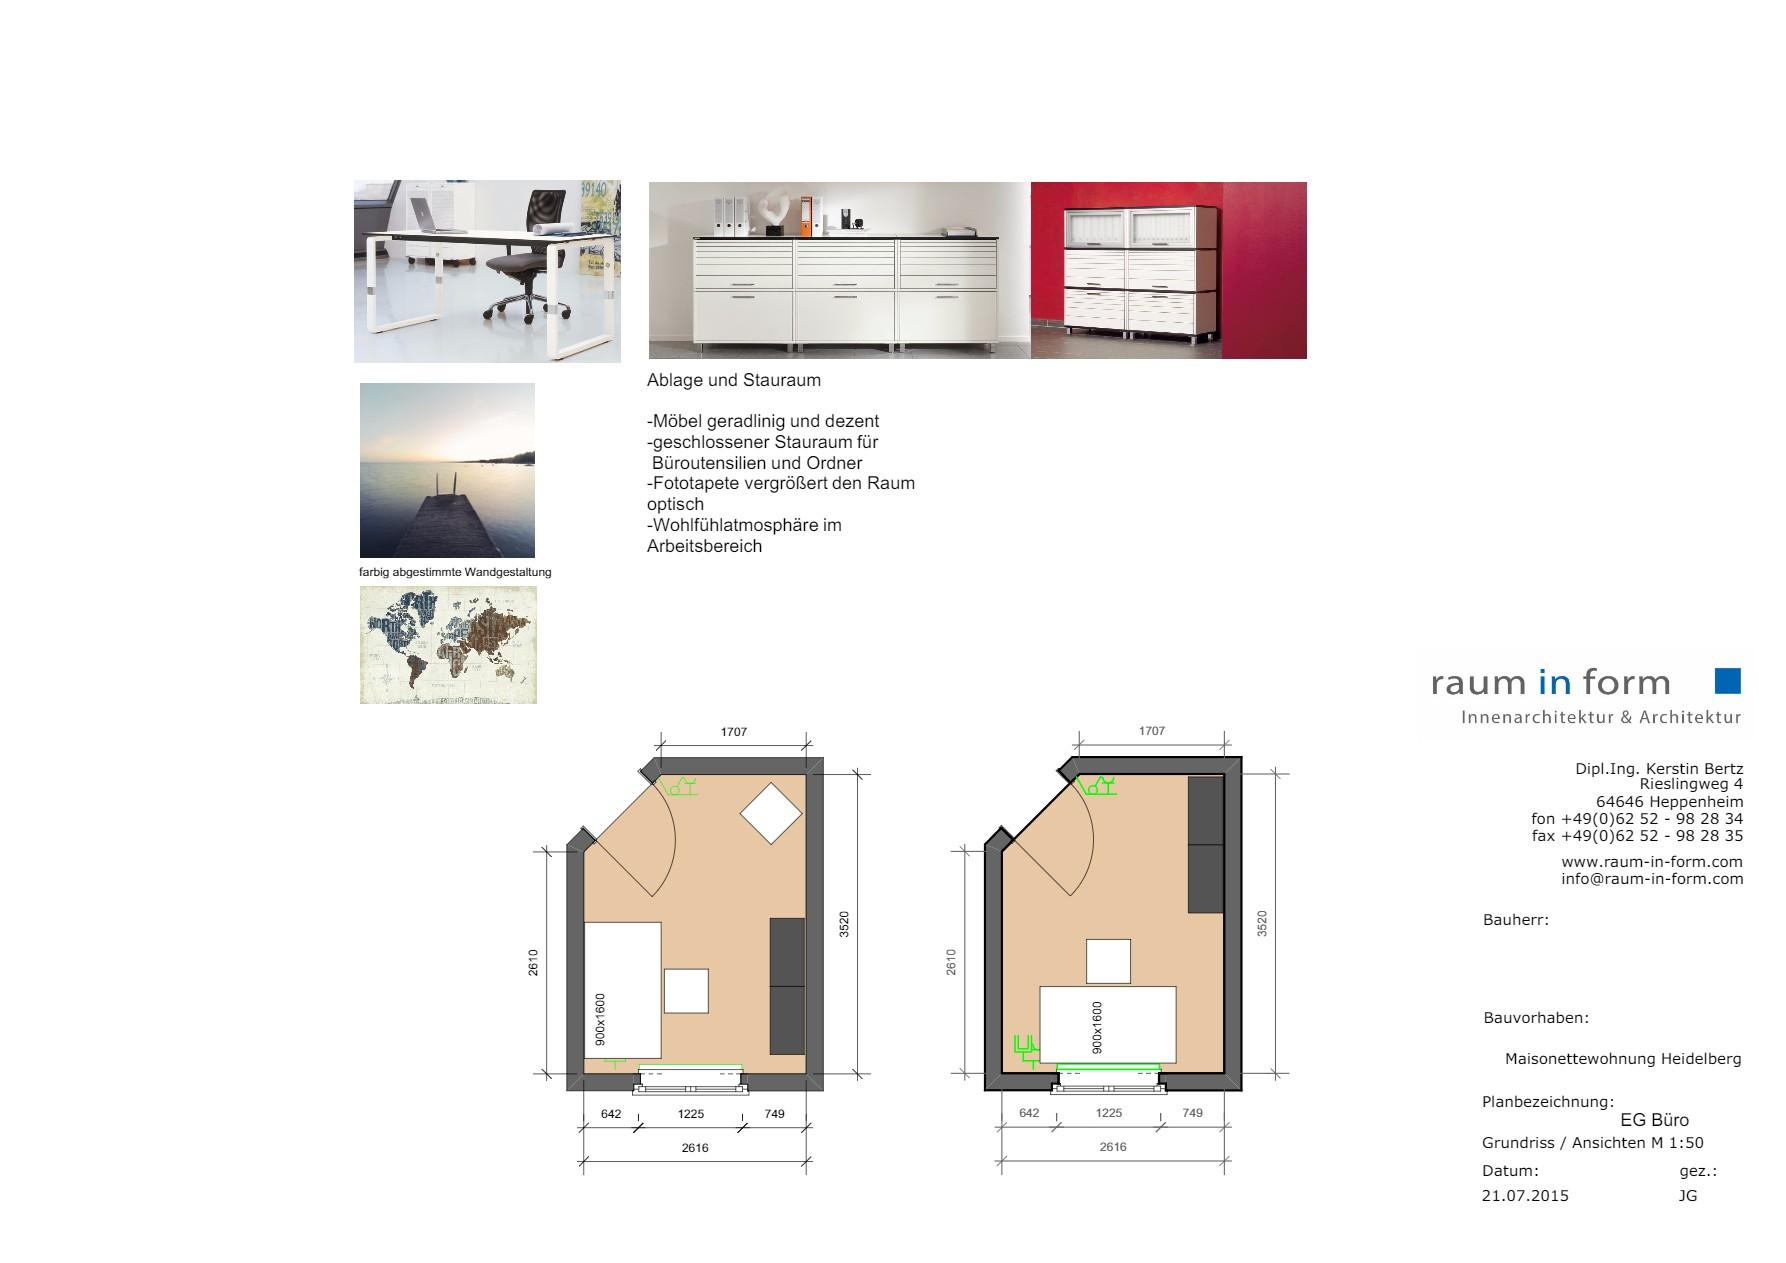 Innenarchitektur Heidelberg broschüre maisonette heidelberg raum in form innenarchitektur